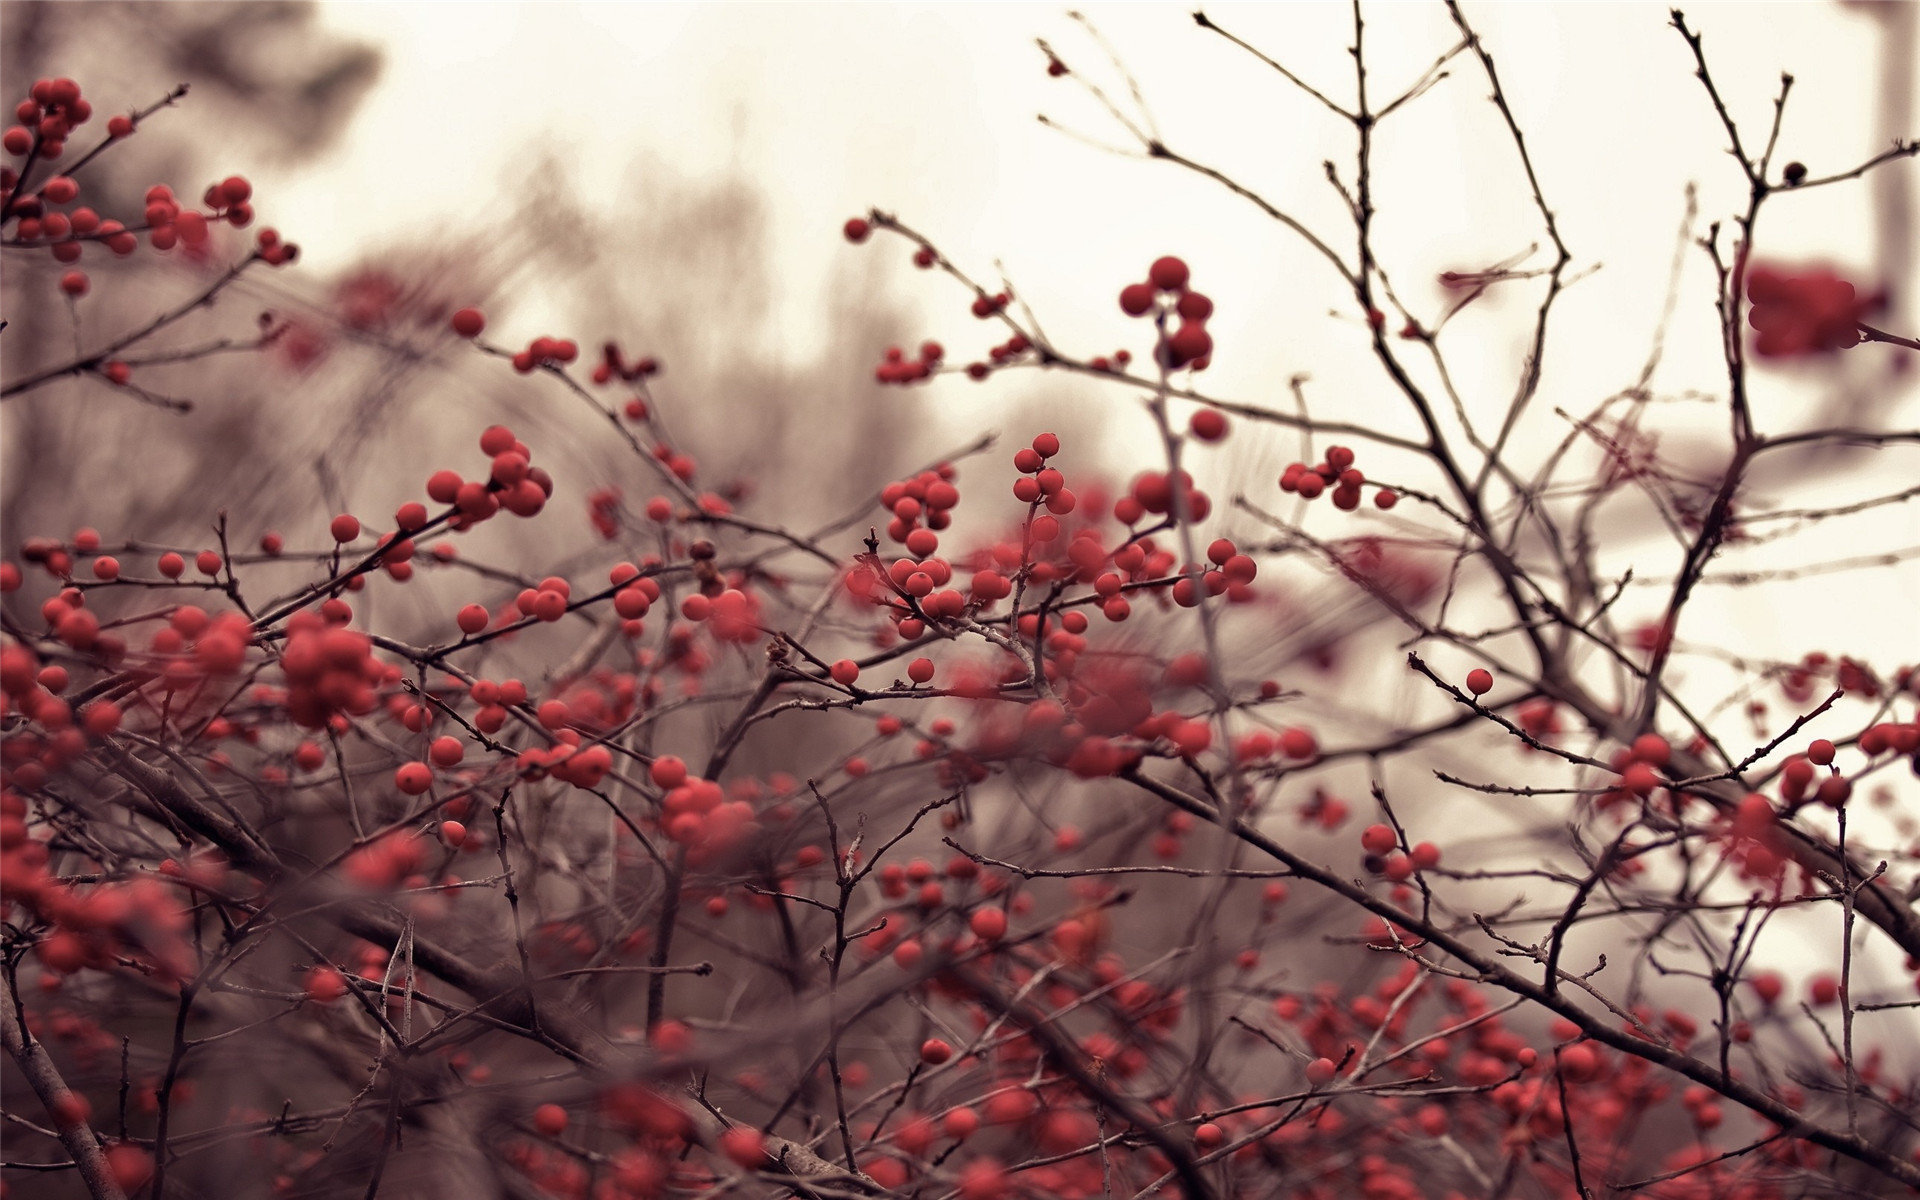 百度壁纸图片大全大图 清新大自然唯美好看壁纸图片大全风景高清图集